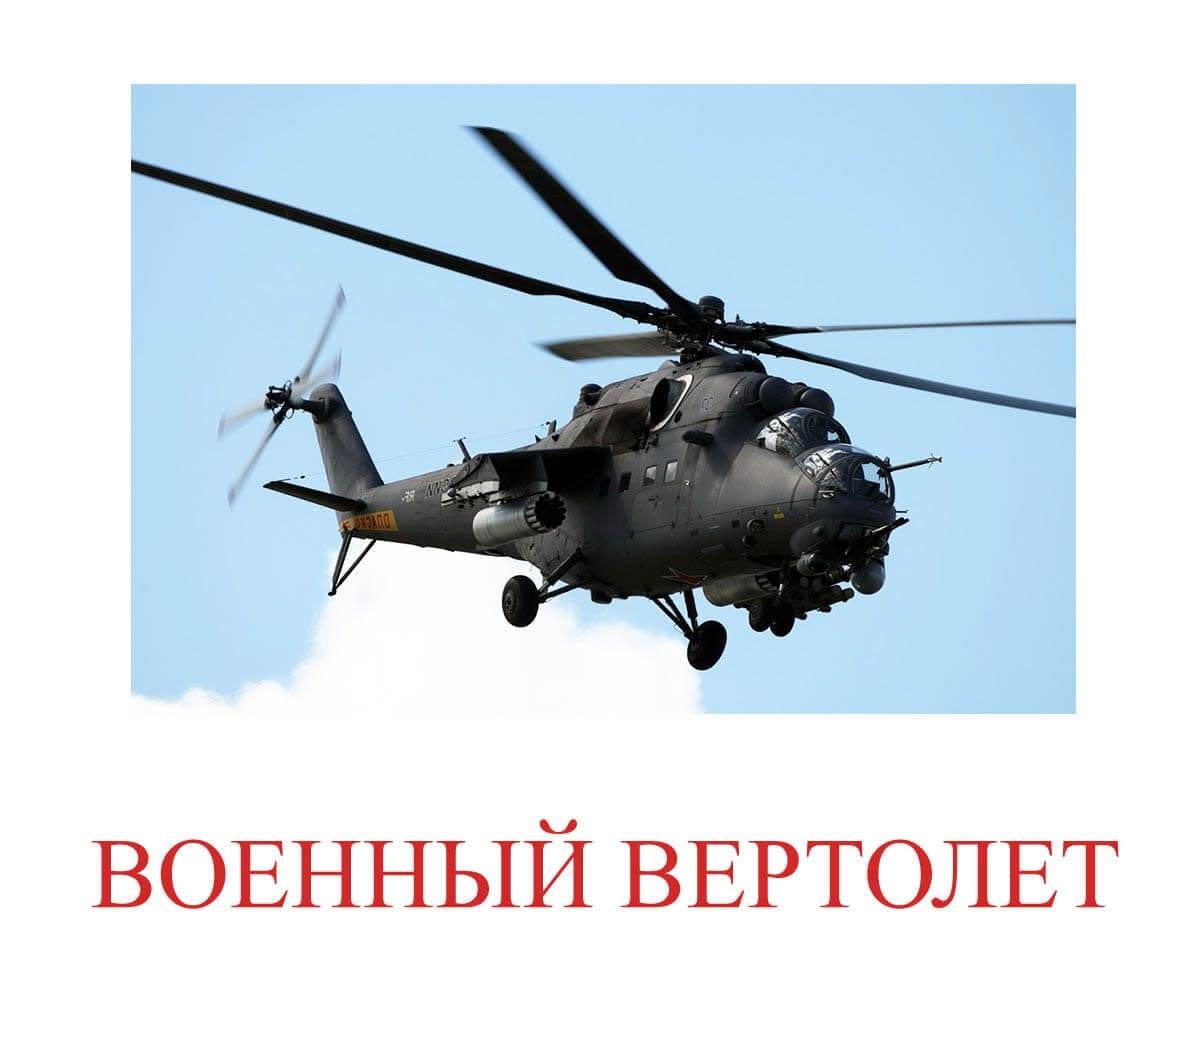 Военный вертолет картинка